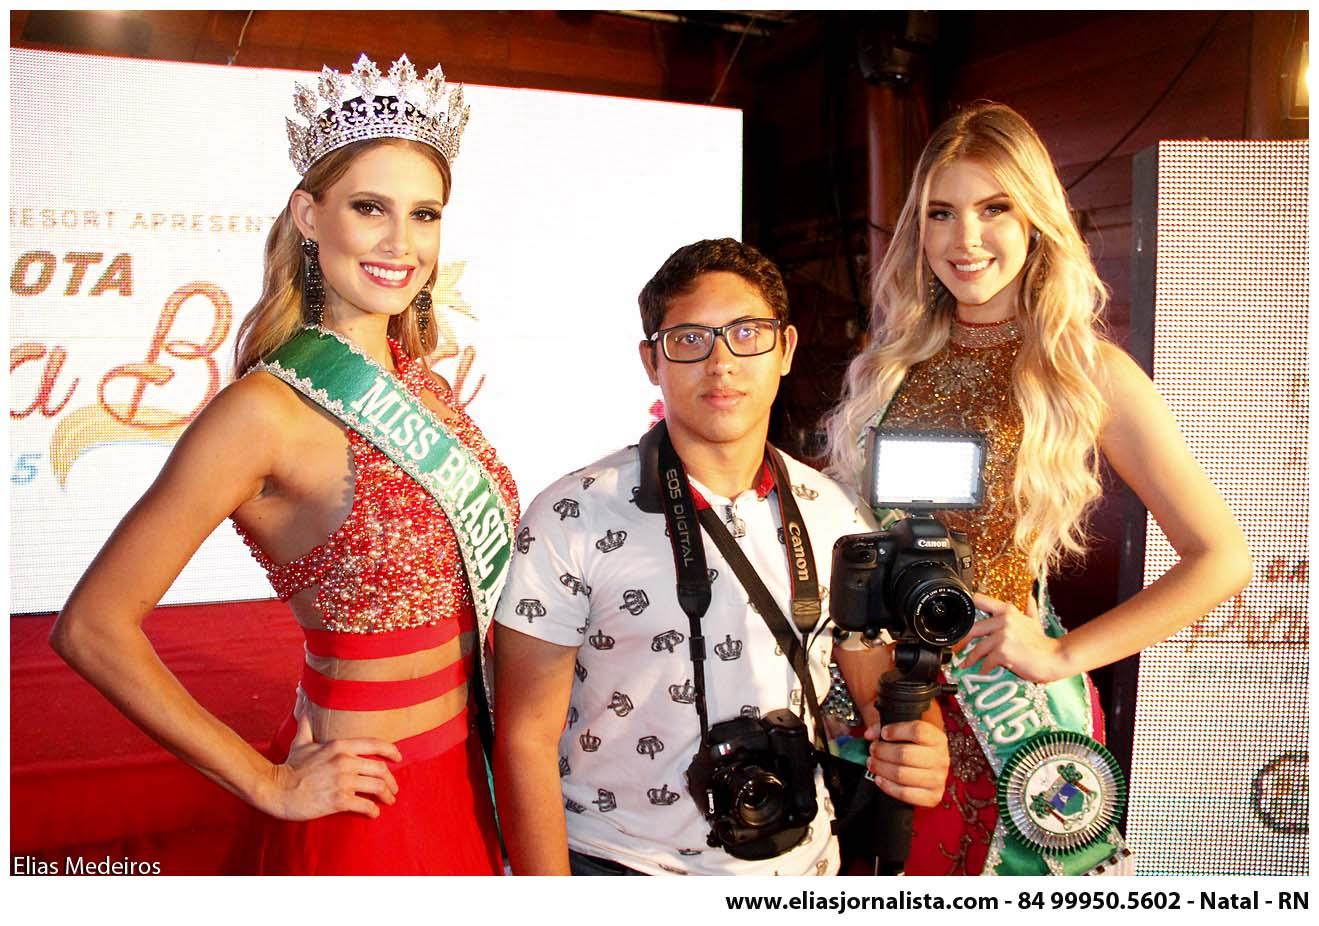 brasil top 10 de miss internacional 2015. MG_0105